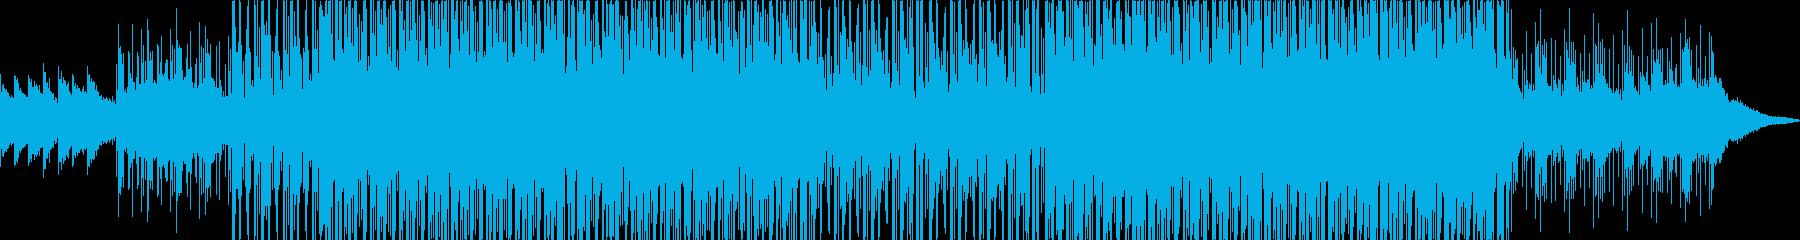 無機質なエレピループのエレクトロニカの再生済みの波形